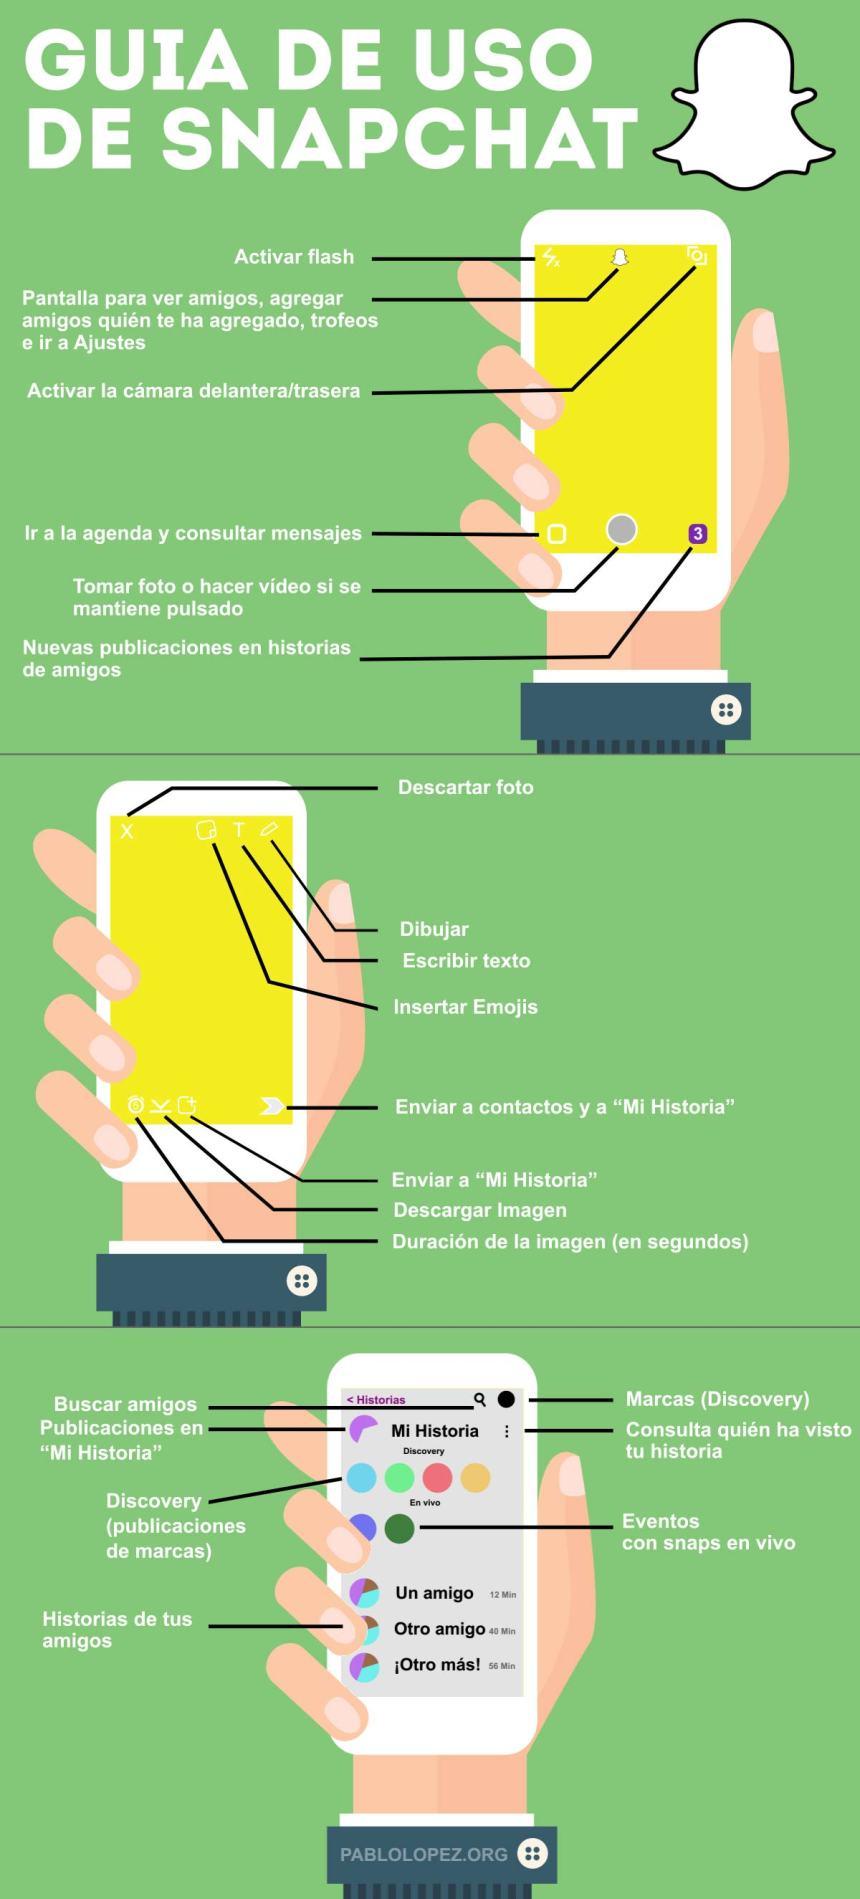 Guía de uso de SnapChat